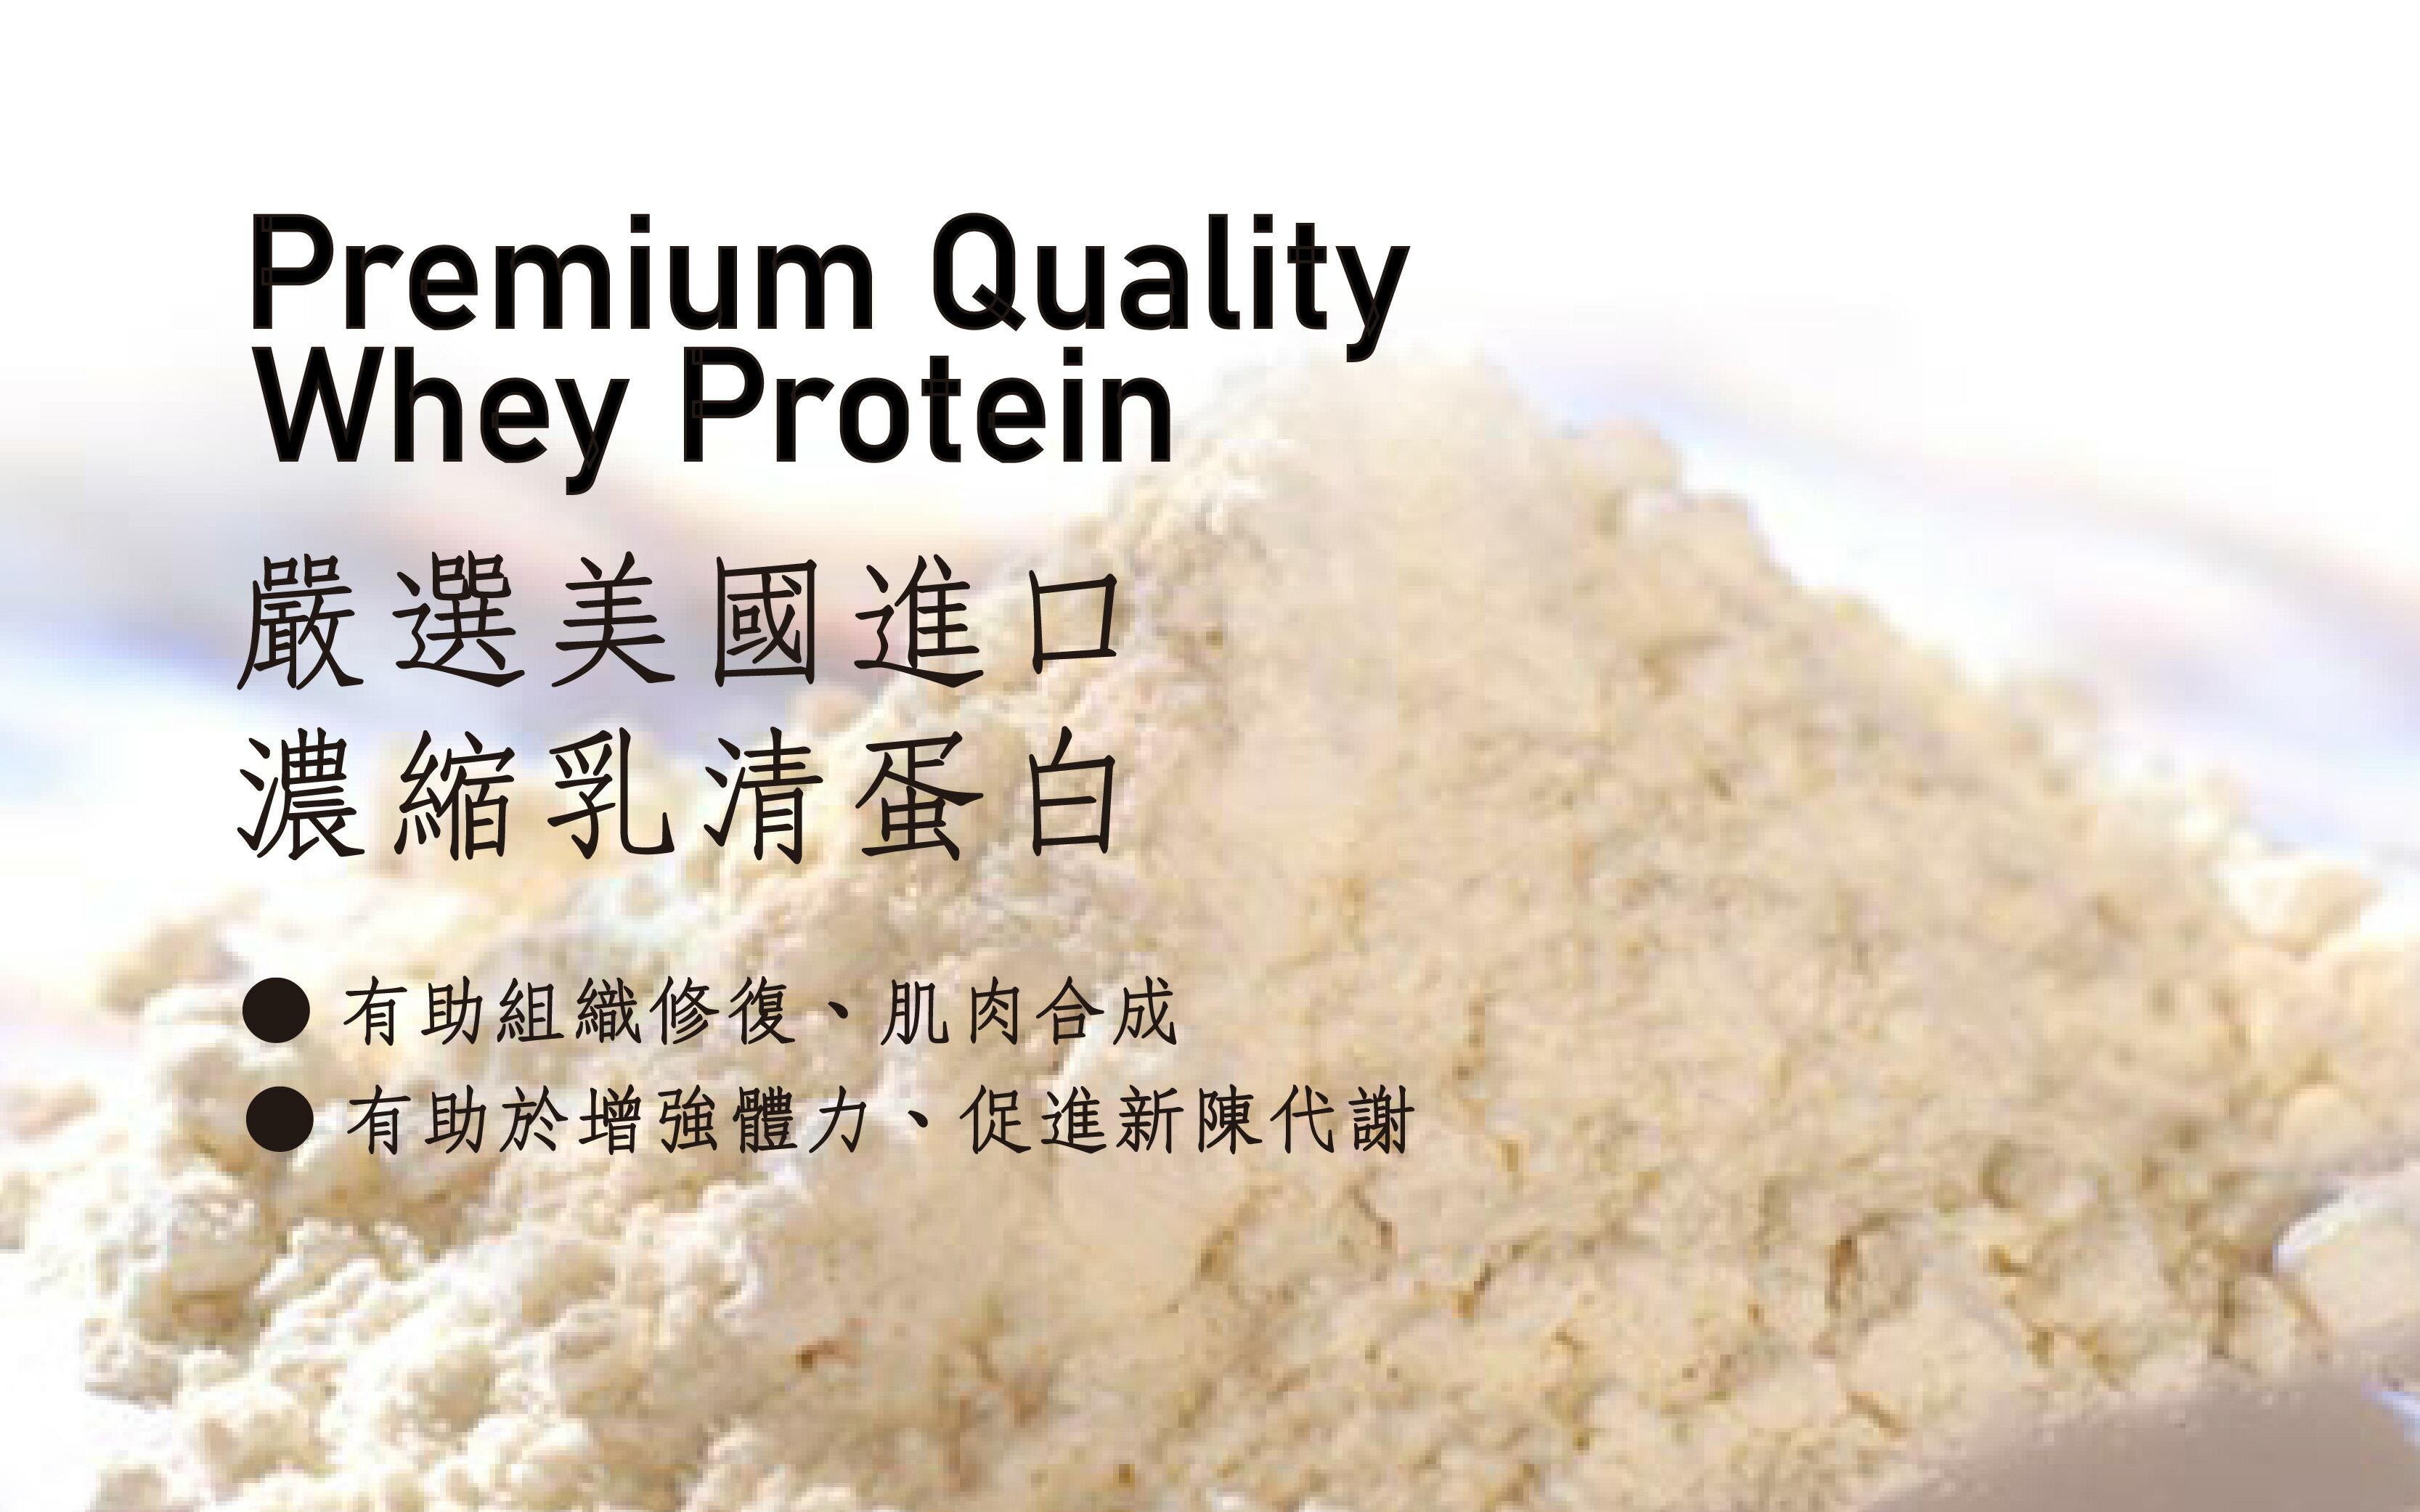 抹茶拿鐵 460g/罐 - Simple Protein 濃縮乳清蛋白 100%無添加